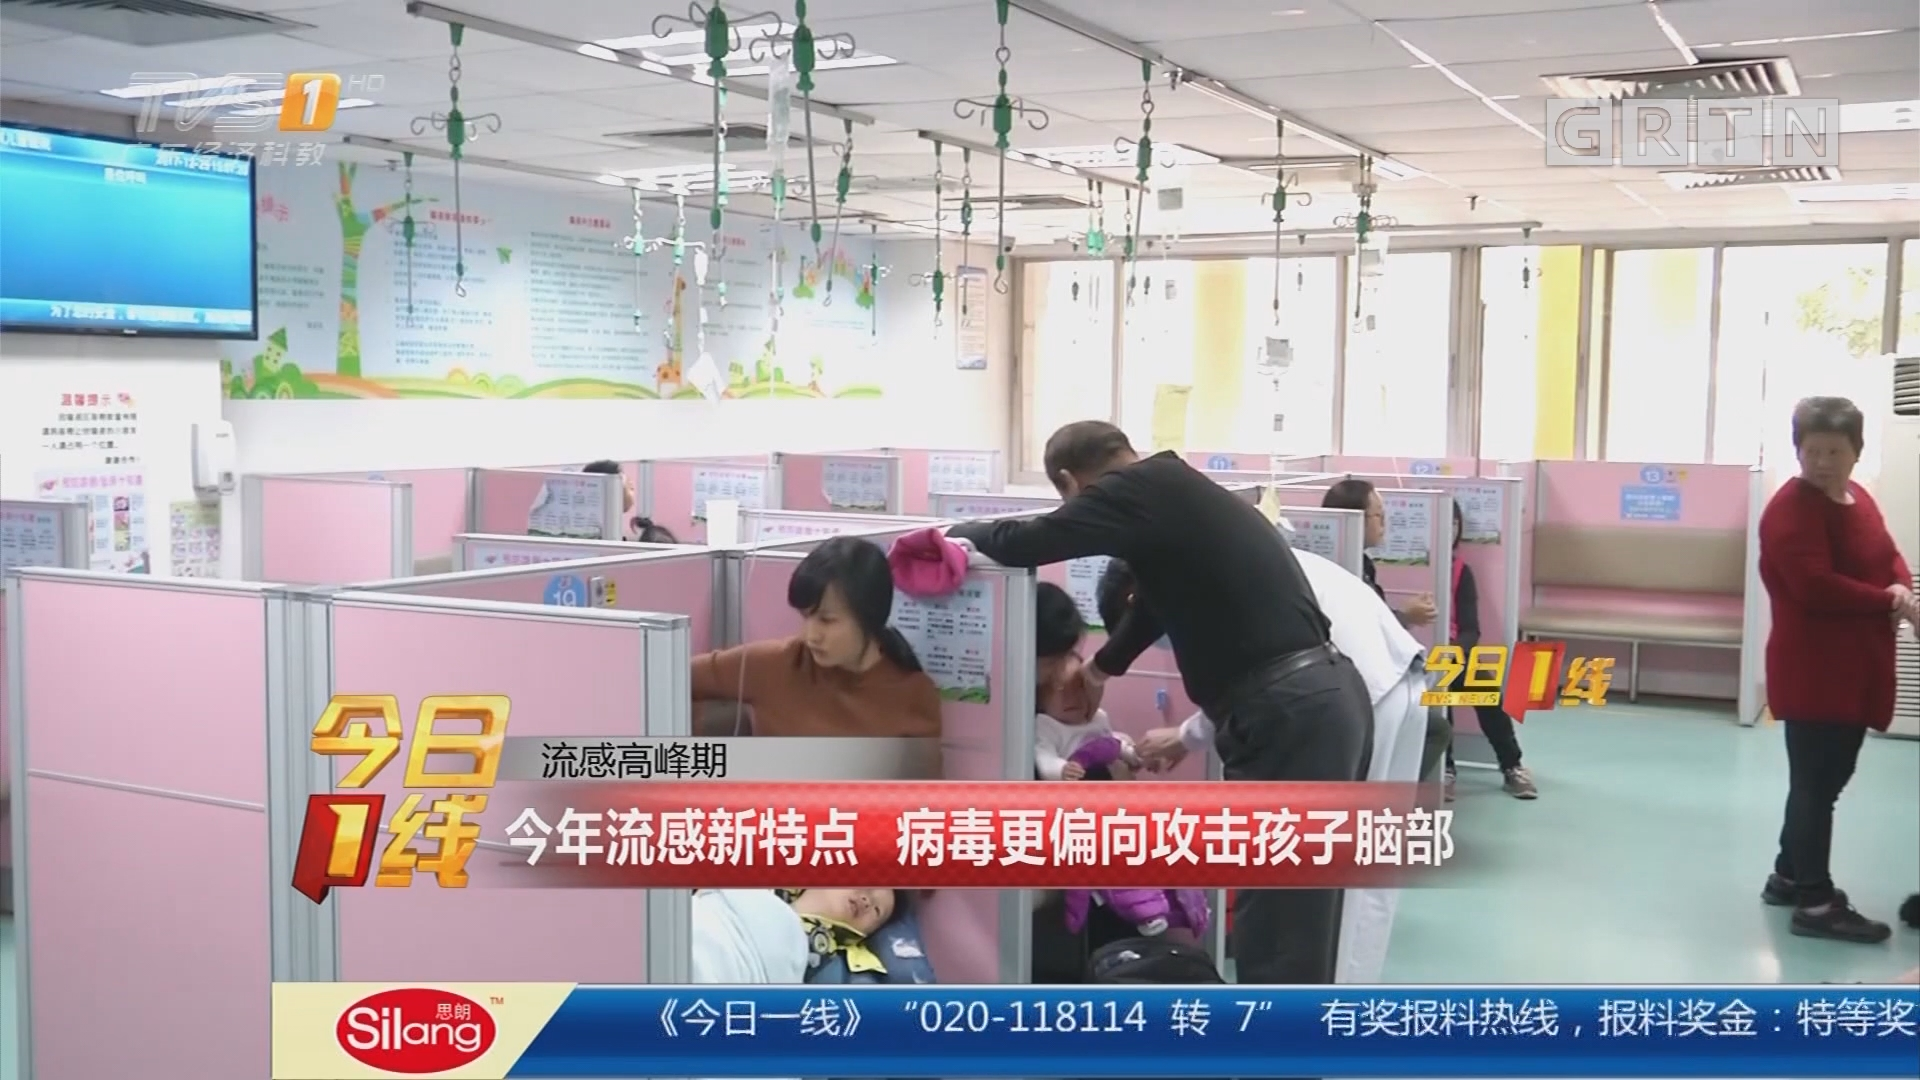 流感高峰期:今年流感新特点 病毒更偏向攻击孩子脑部